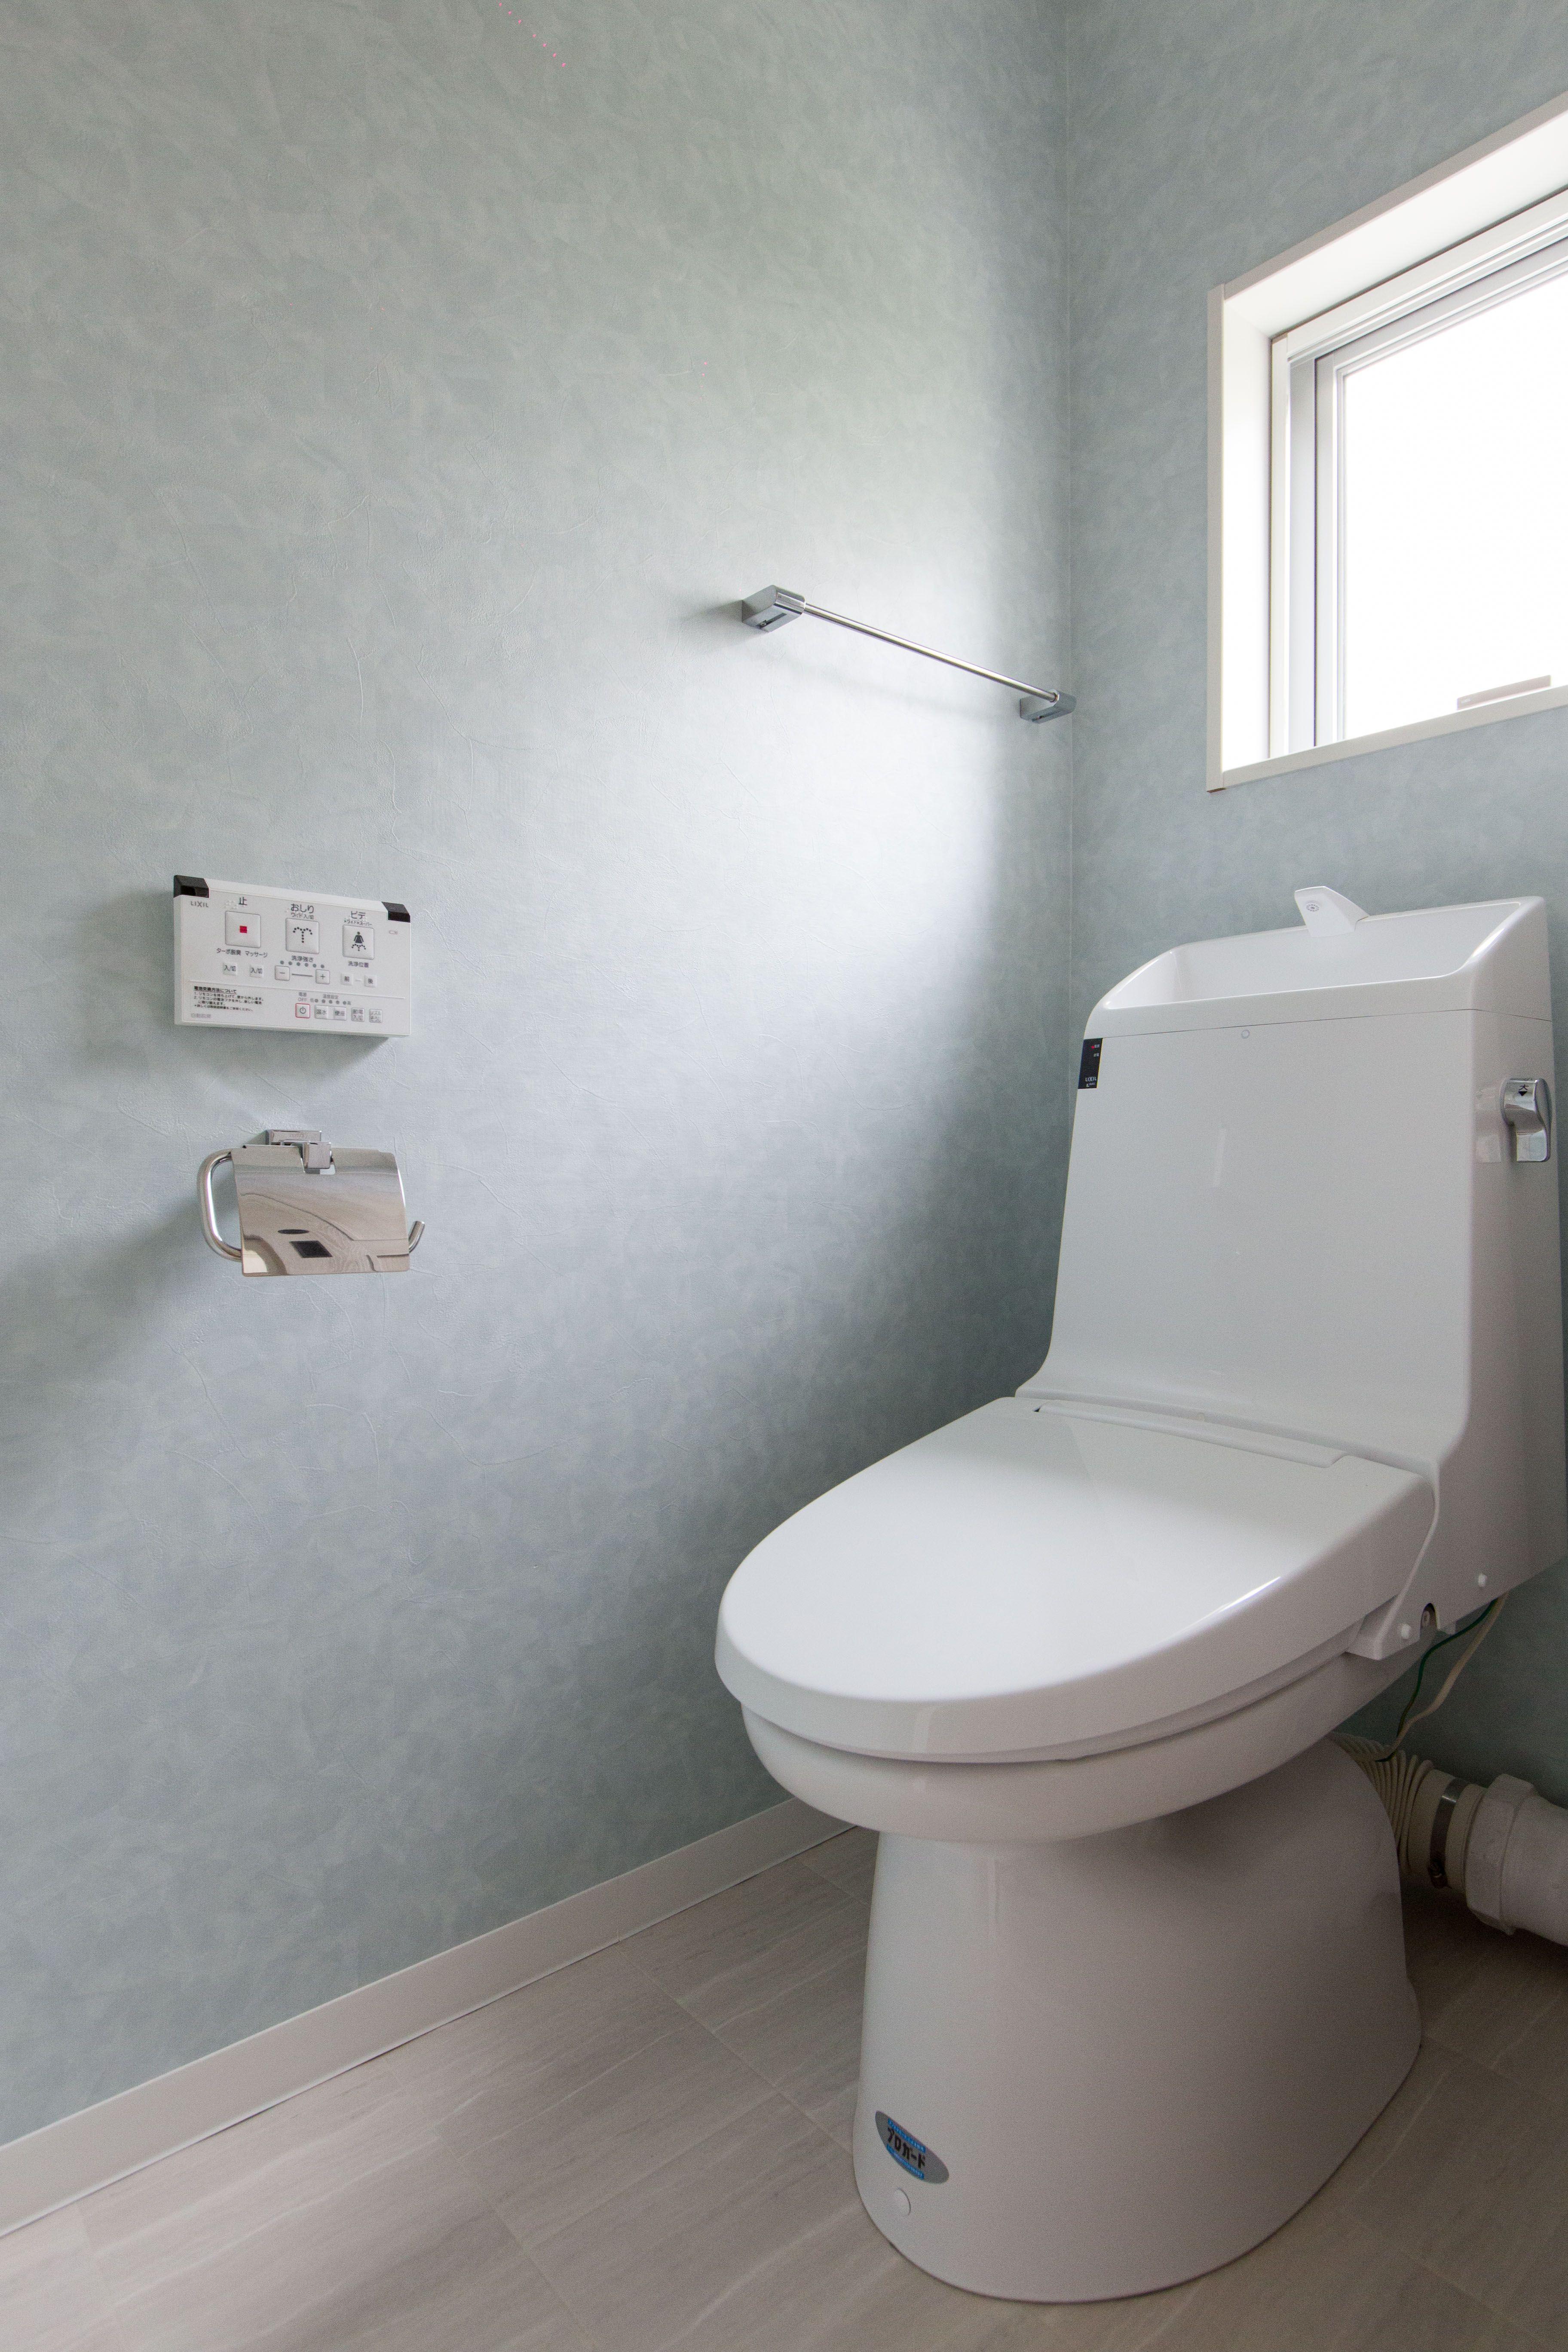 楽天市場 壁紙 白 のり付き 無地 壁紙 クロス ホワイト 12柄 1m単位